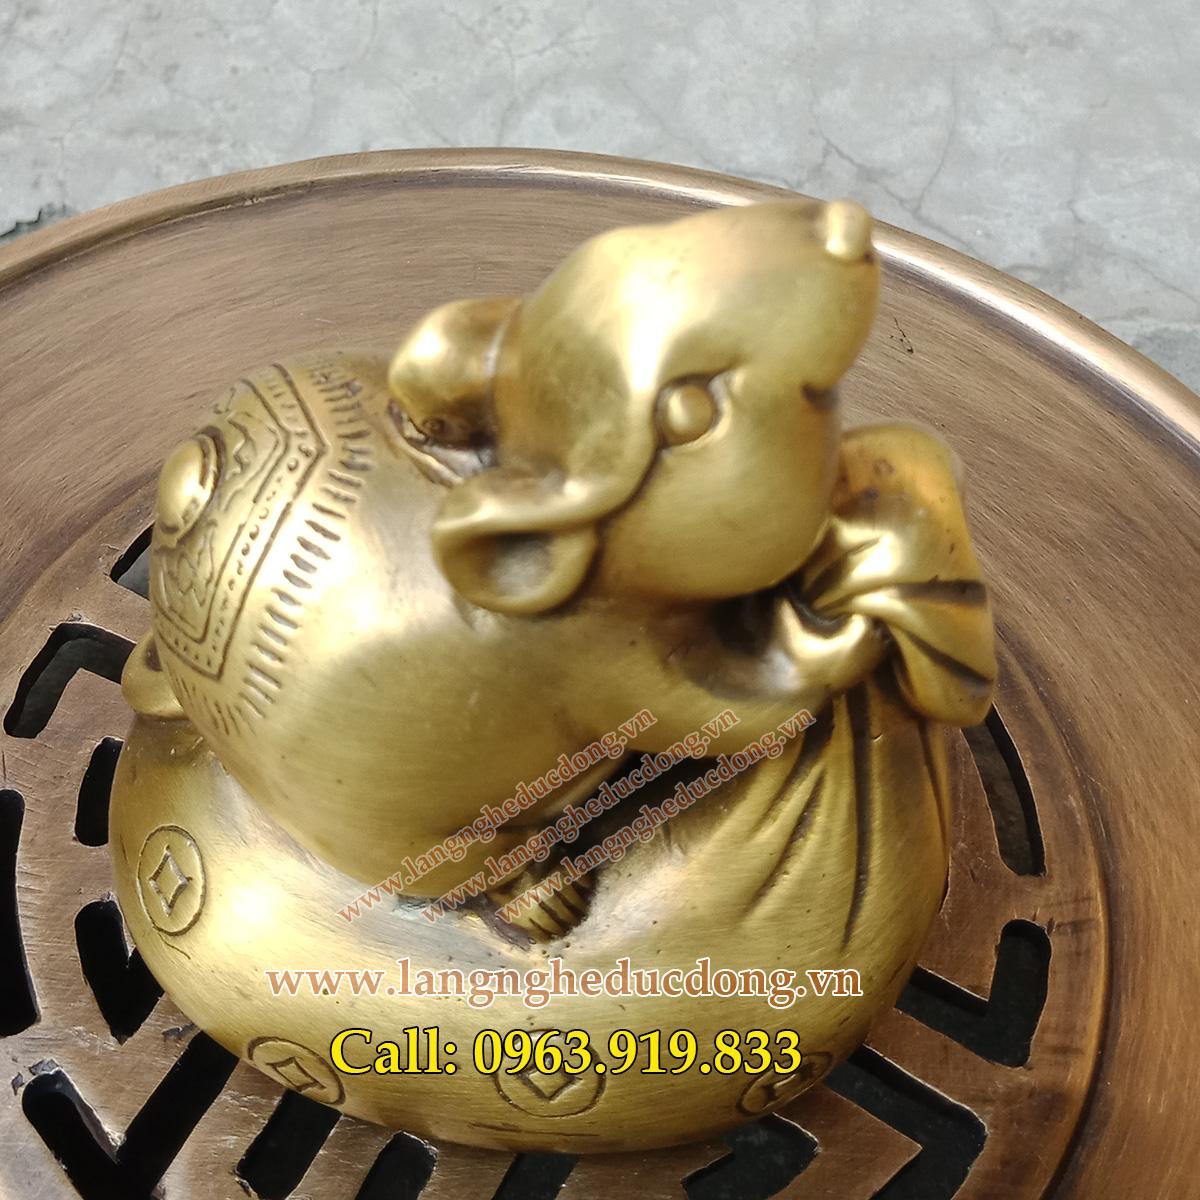 Mẫu chuột phong thủy cao 10cm, chuột phong thủy bằng đồng, bán chuột đồng